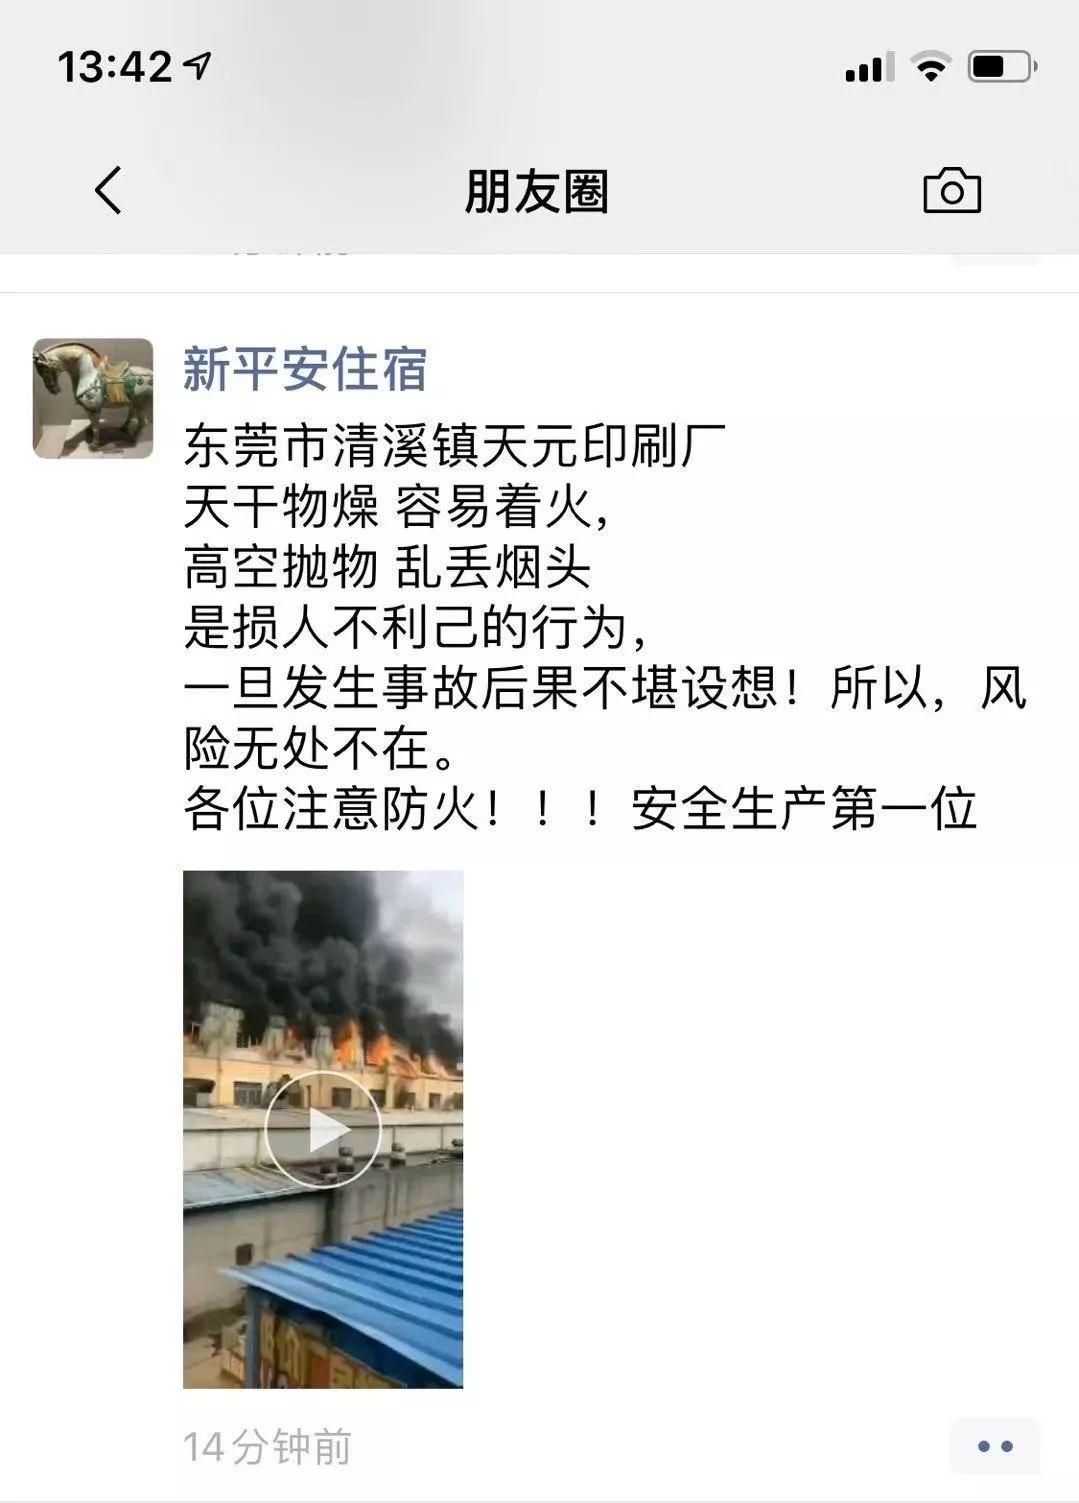 突发!东莞一工厂发生火灾!火势凶猛,太吓人了!插图16